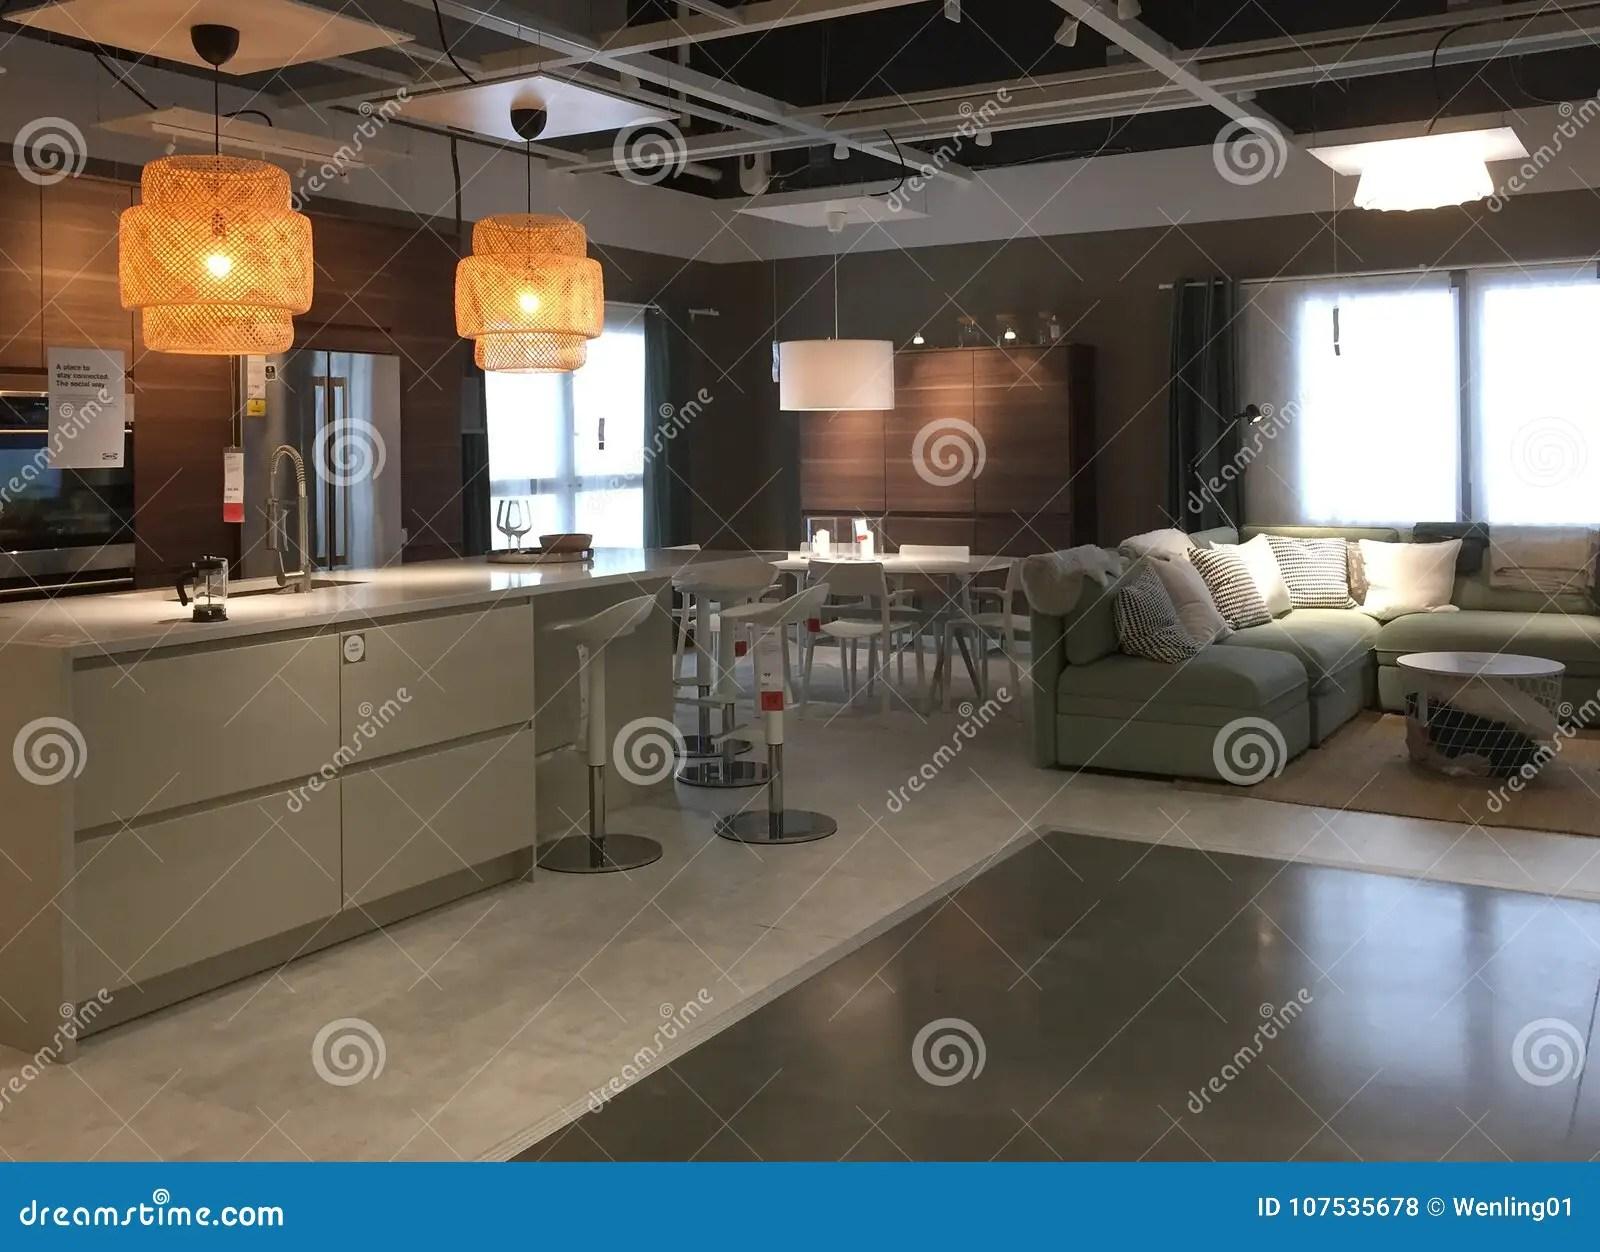 home and kitchen stores anaheim cabinets 现代厨房和家庭娱乐室在商店宜家设计编辑类库存照片 图片包括有家庭 现代厨房和dinning的家庭娱乐室家具待售在商店宜家 tx美国